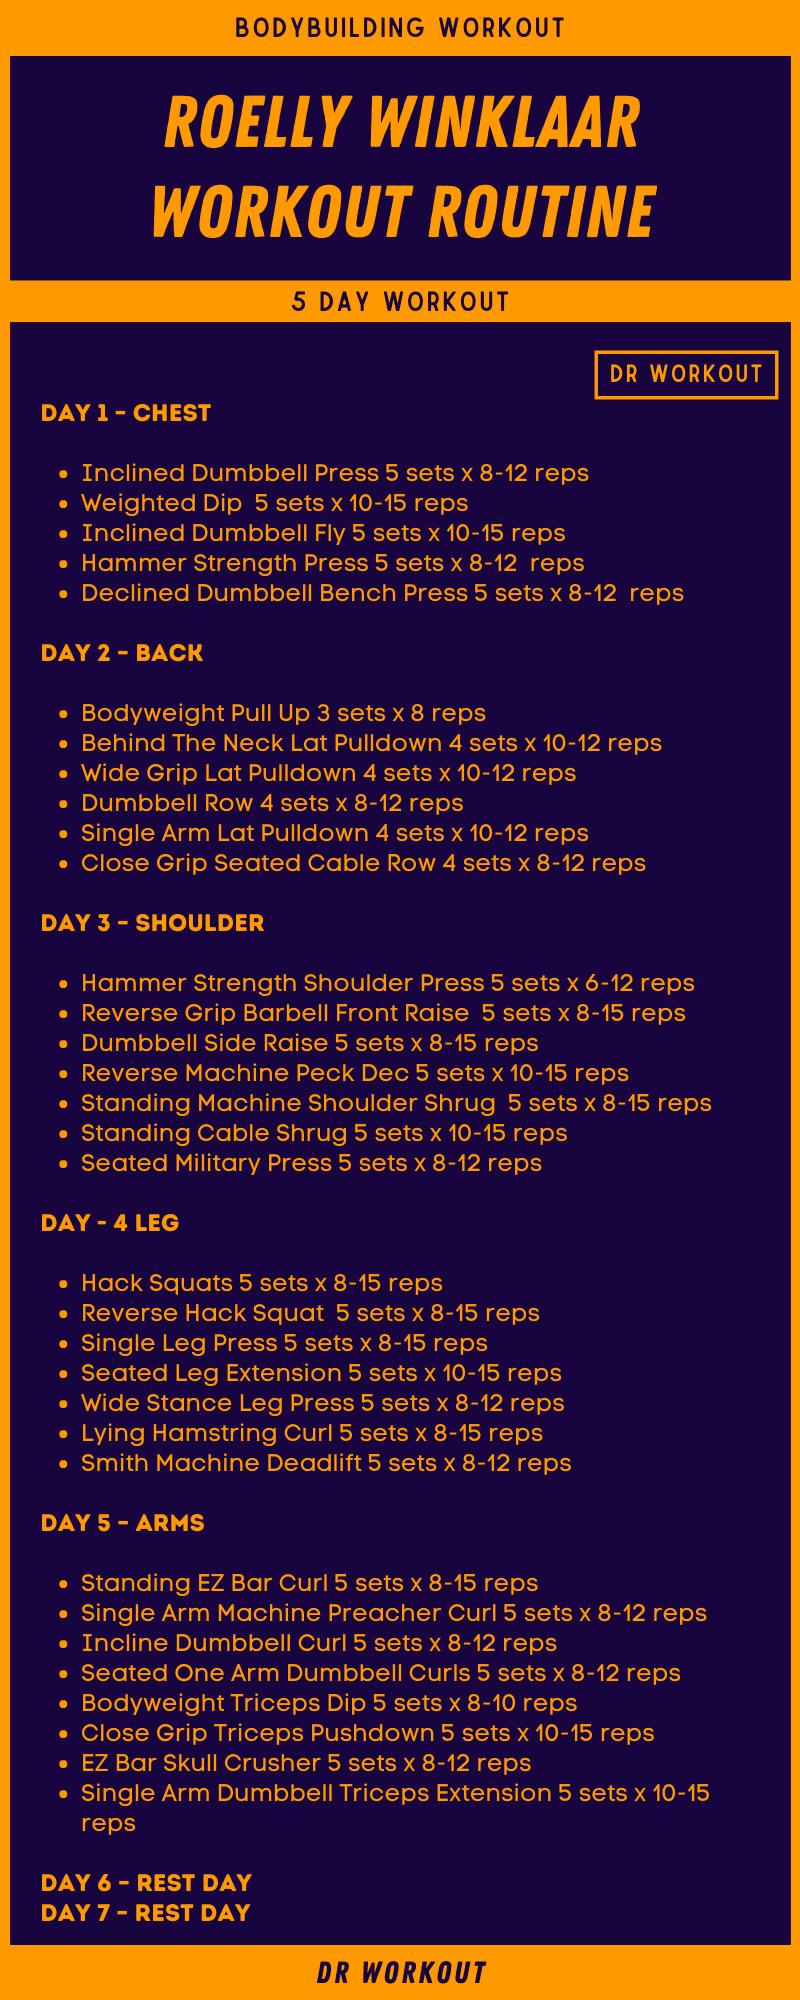 Roelly Winklaar Workout Routine